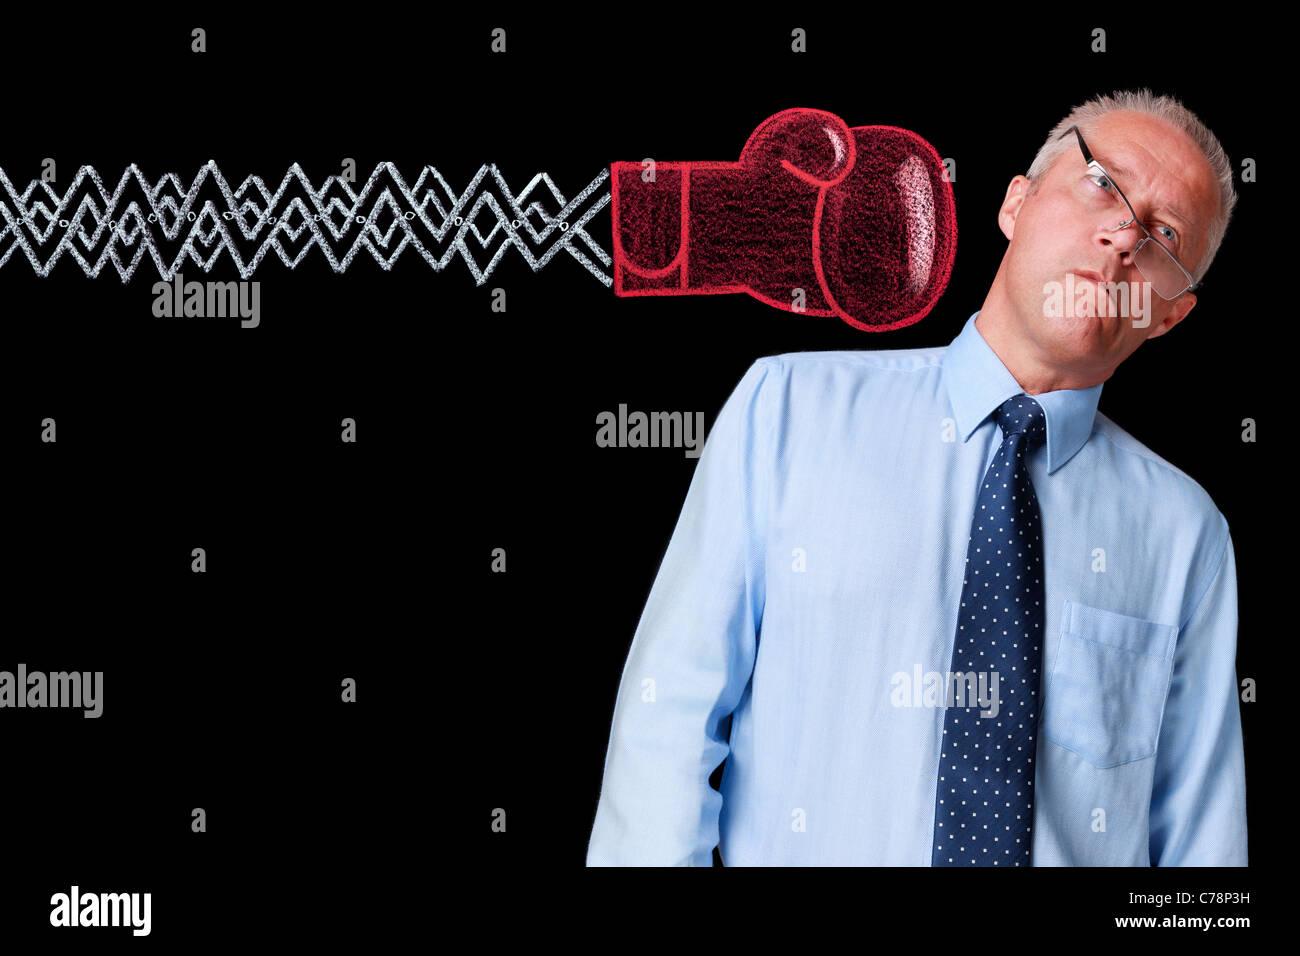 Foto de un empresario maduro contra un fondo negro está entregando un knockout punch por un guante de boxeo Imagen De Stock